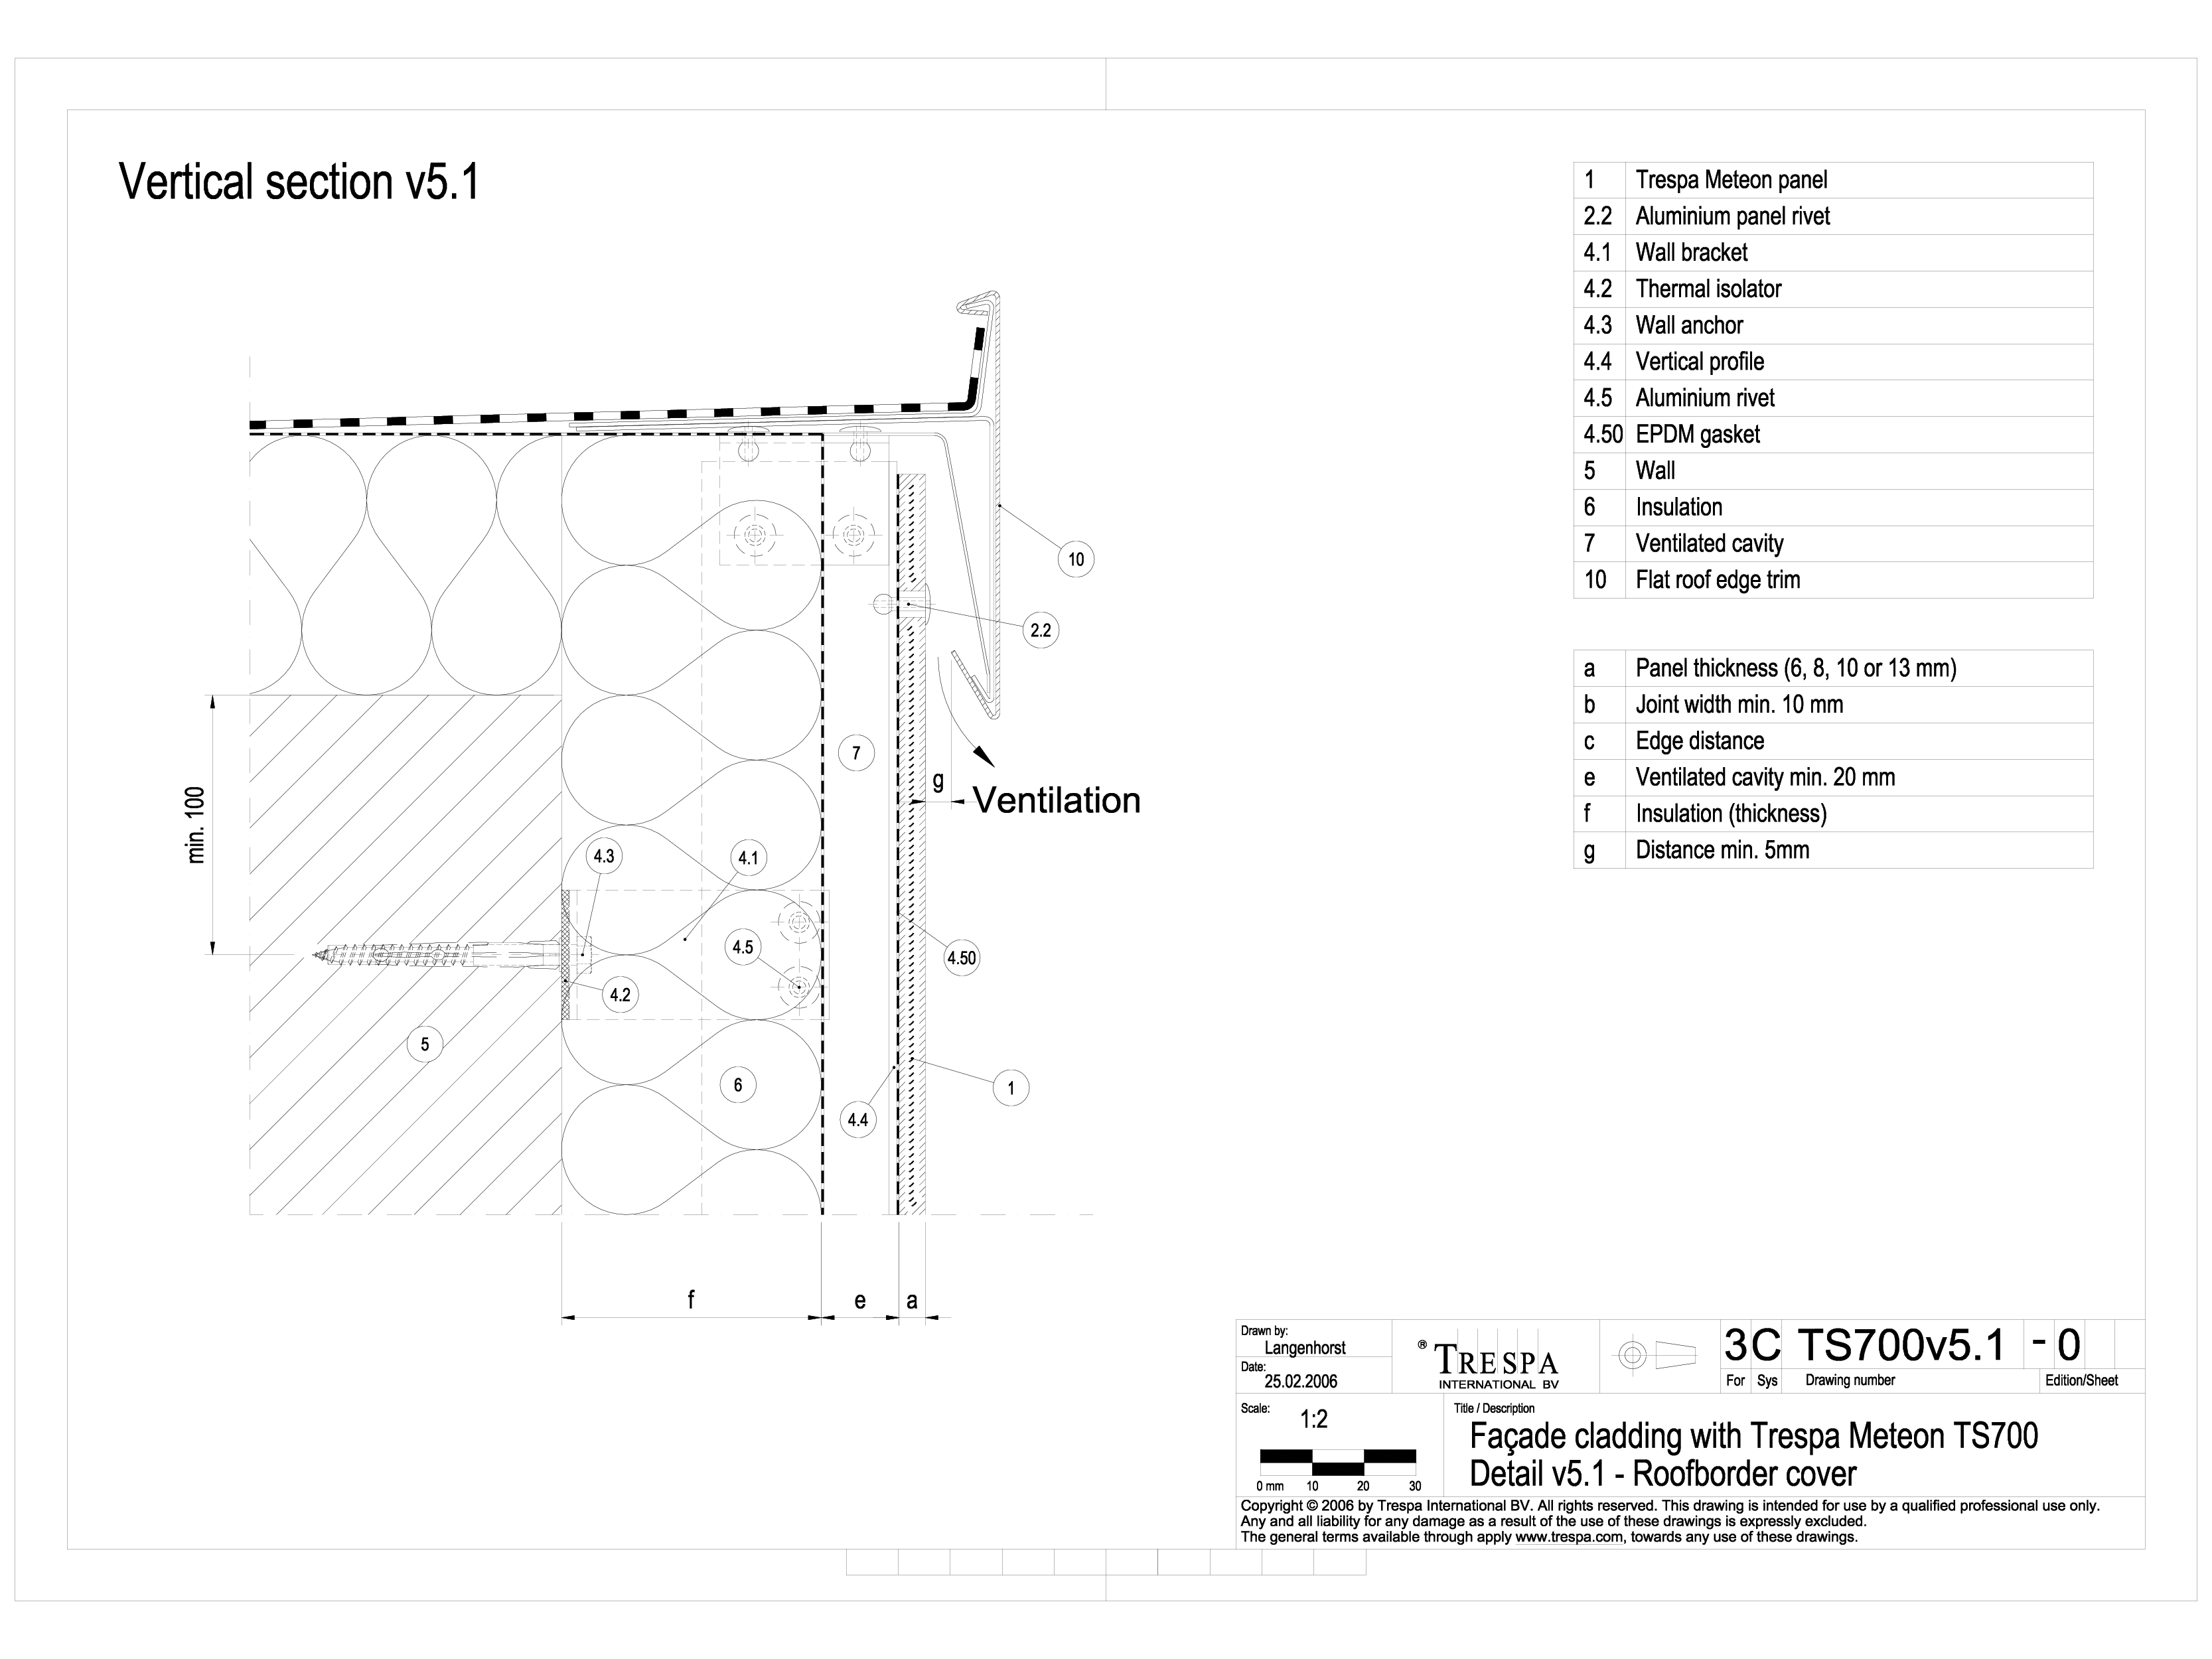 Sisteme de prindere fatade ventilate invizibile cu nituri, detaliu de racordare la invelitoare METEON TRESPA Placi HPL pentru fatade ventilate GIBB TECHNOLOGIES  - Pagina 1